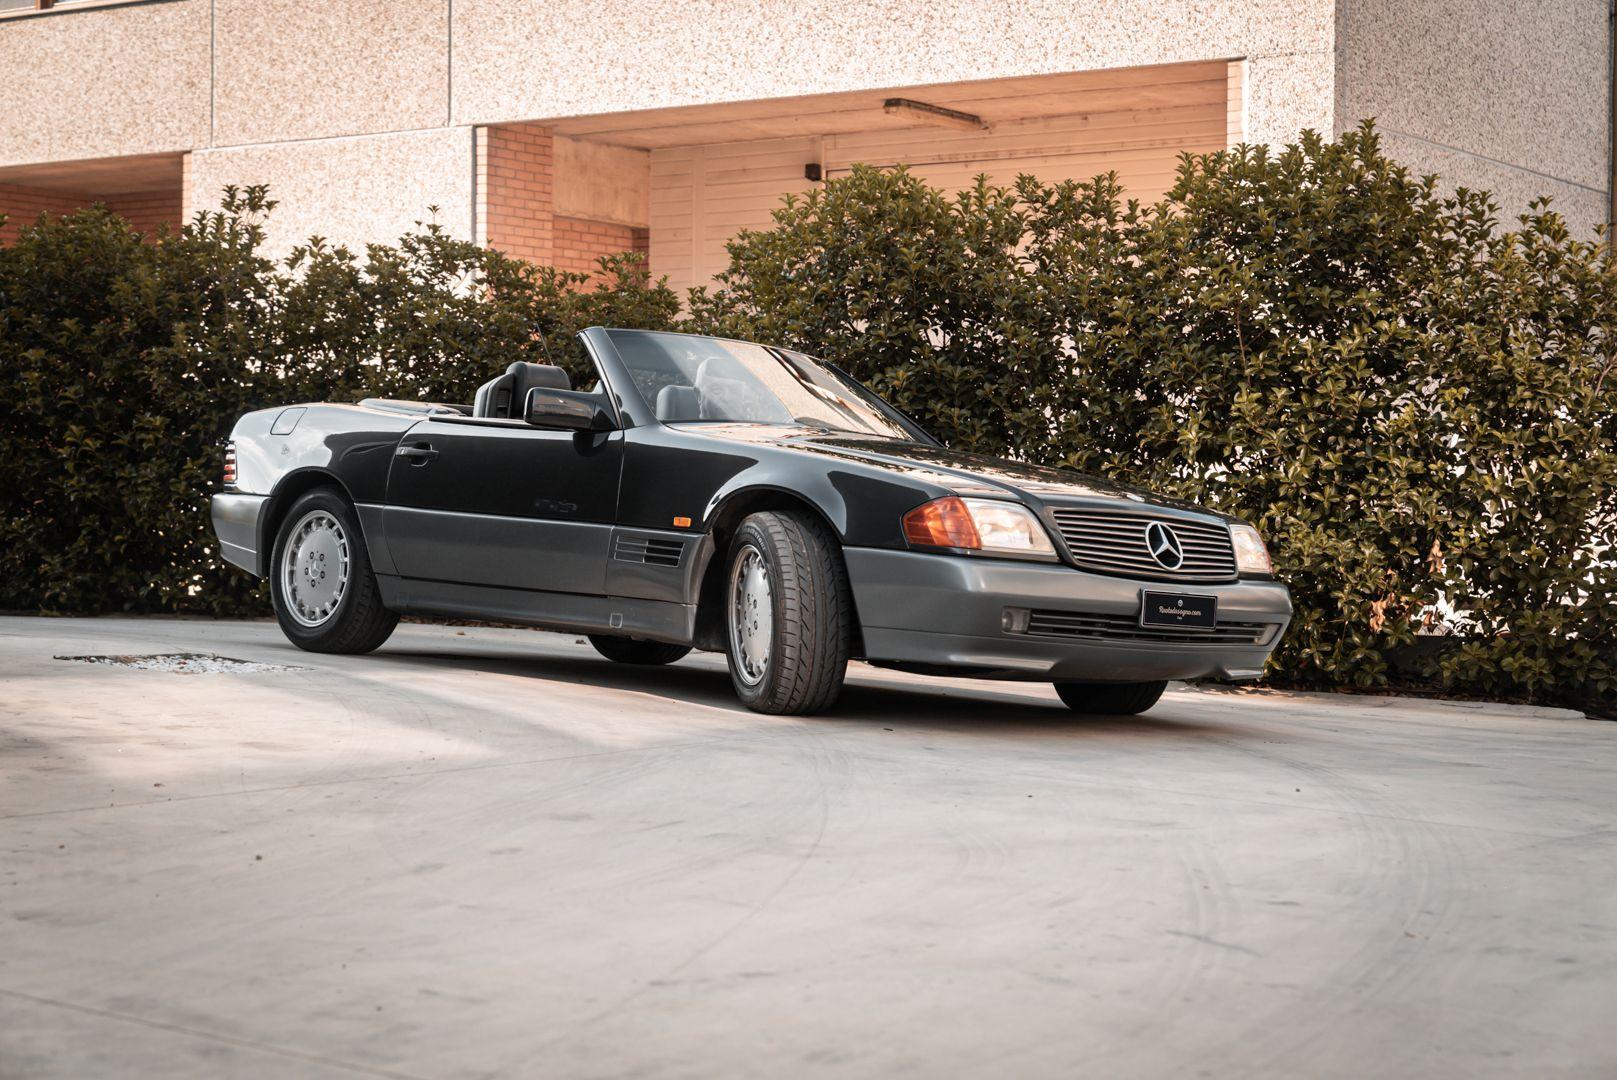 1992 Mercedes Benz 300 SL 24 V 80604